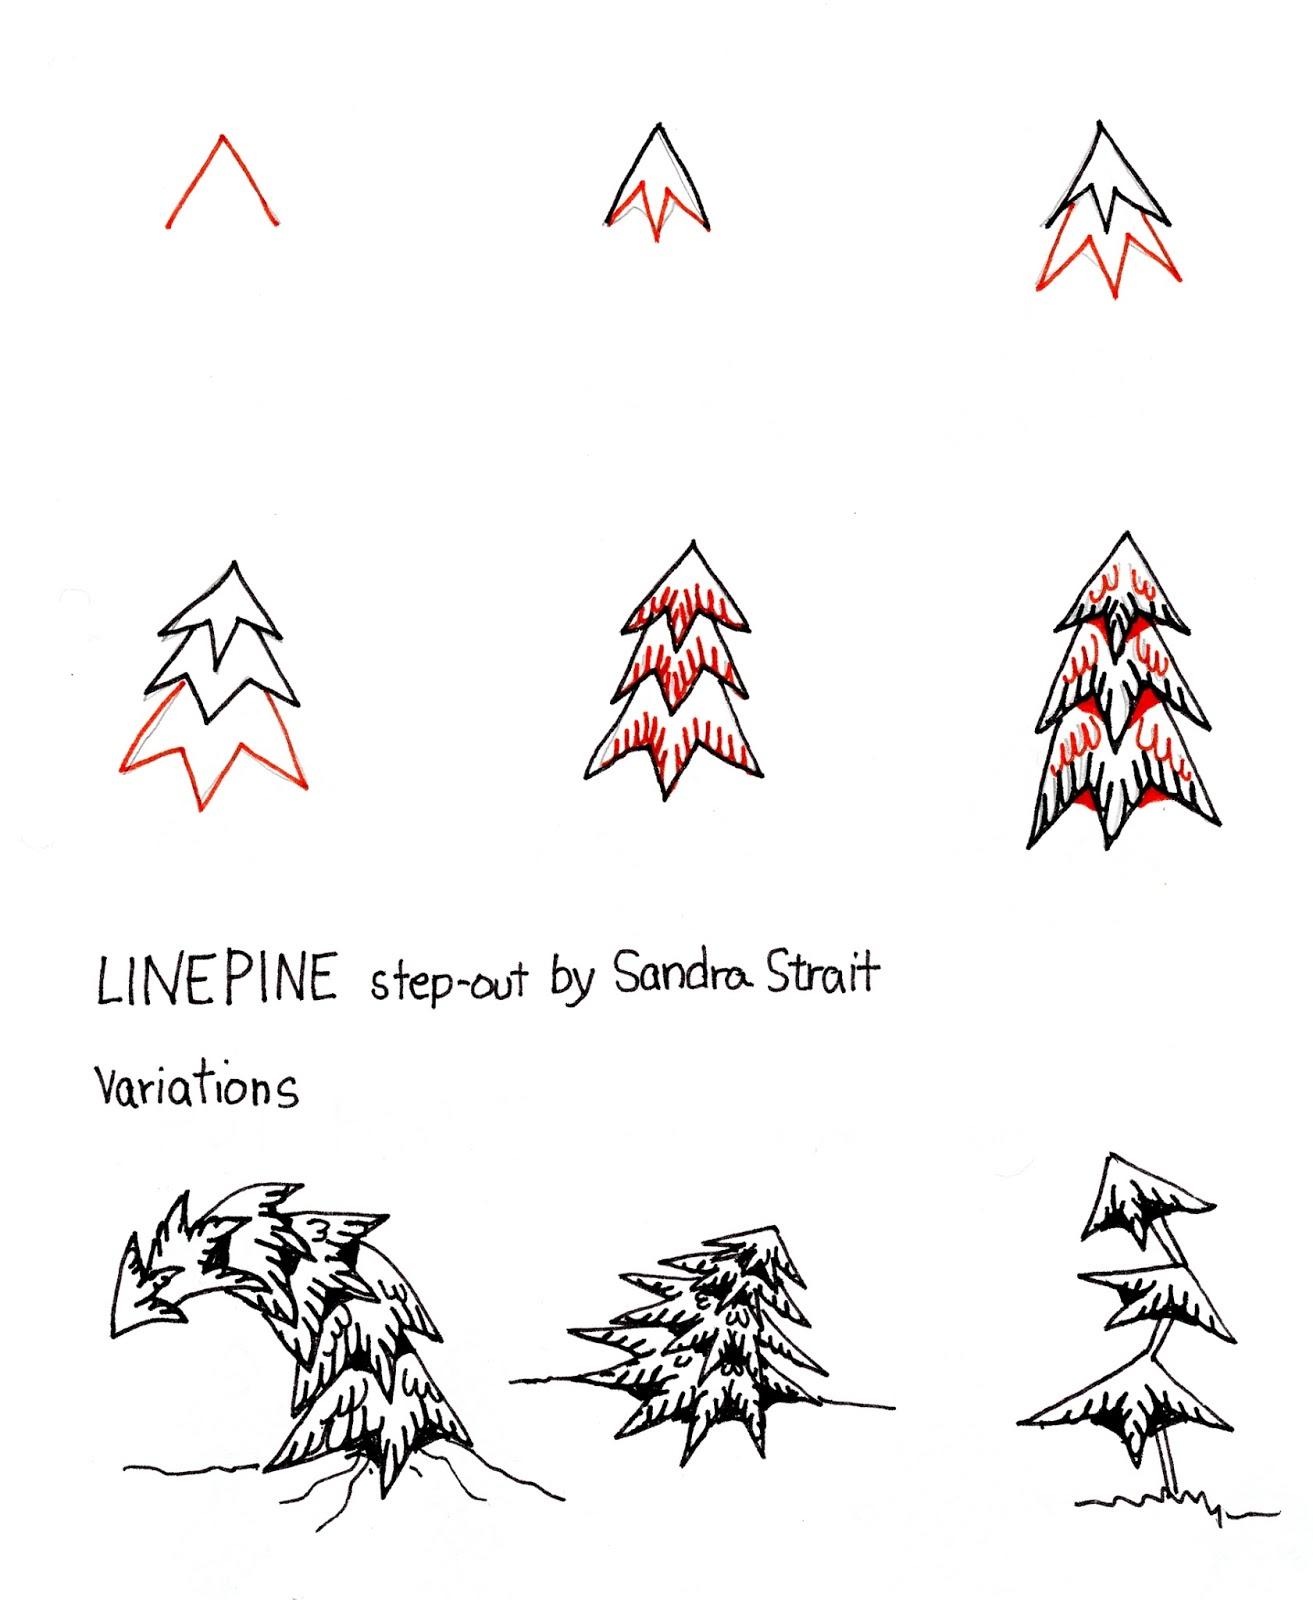 linepine fantasy landscape step out fantasylandscape step out drawingtutorial